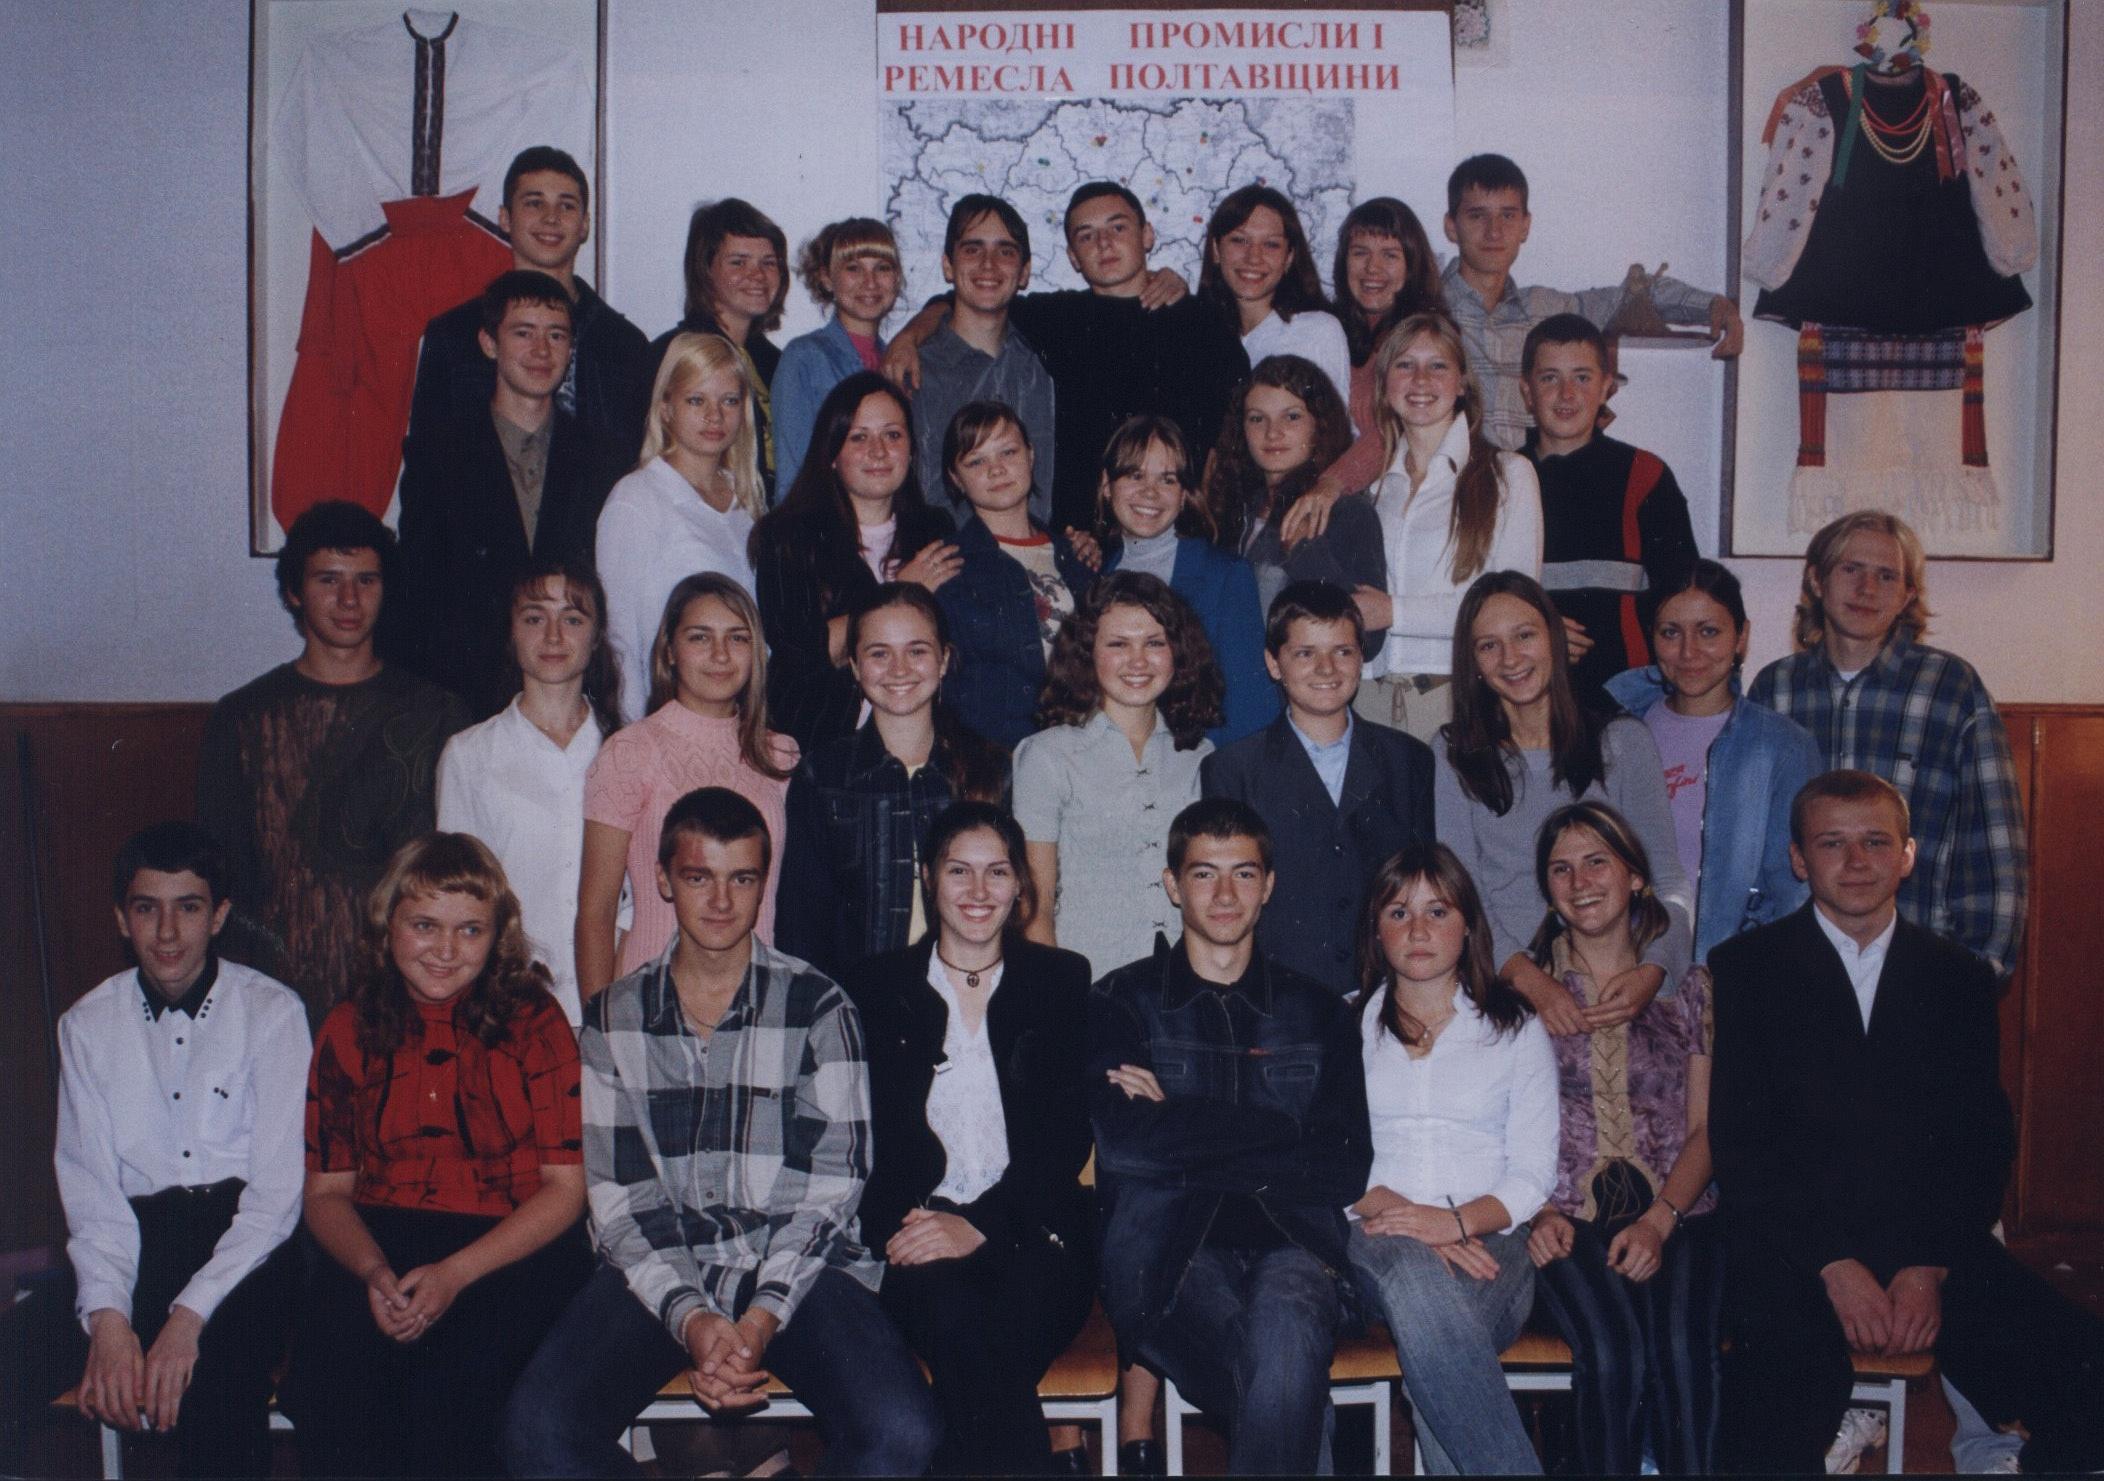 Полтавська гімназія 9 Випуск 2005 11-Б Матвєєнко Валентина Миколаївна